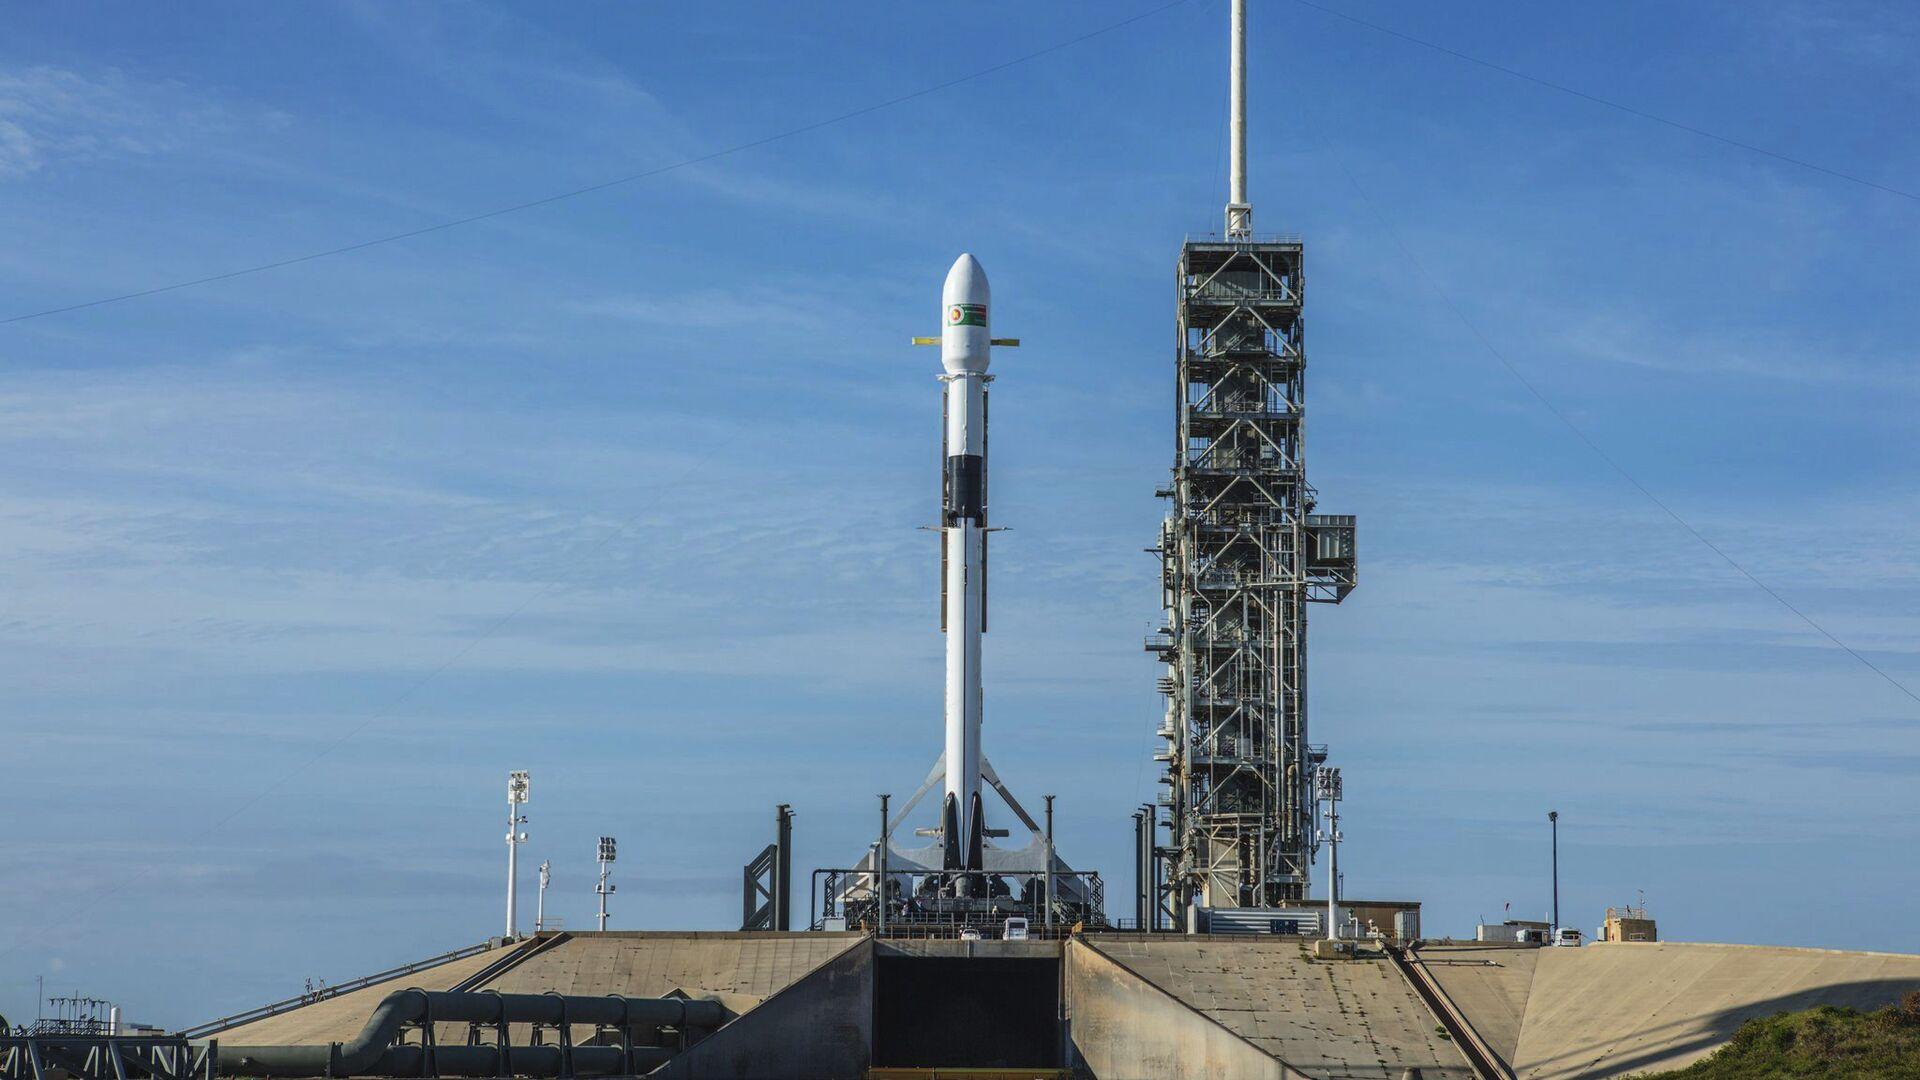 Ракета-носитель Falcon-9 компании SpaceX в Космическом центре Кеннеди на мысе Канаверал в штате Флорида. 10 мая 2018 - РИА Новости, 1920, 07.01.2020